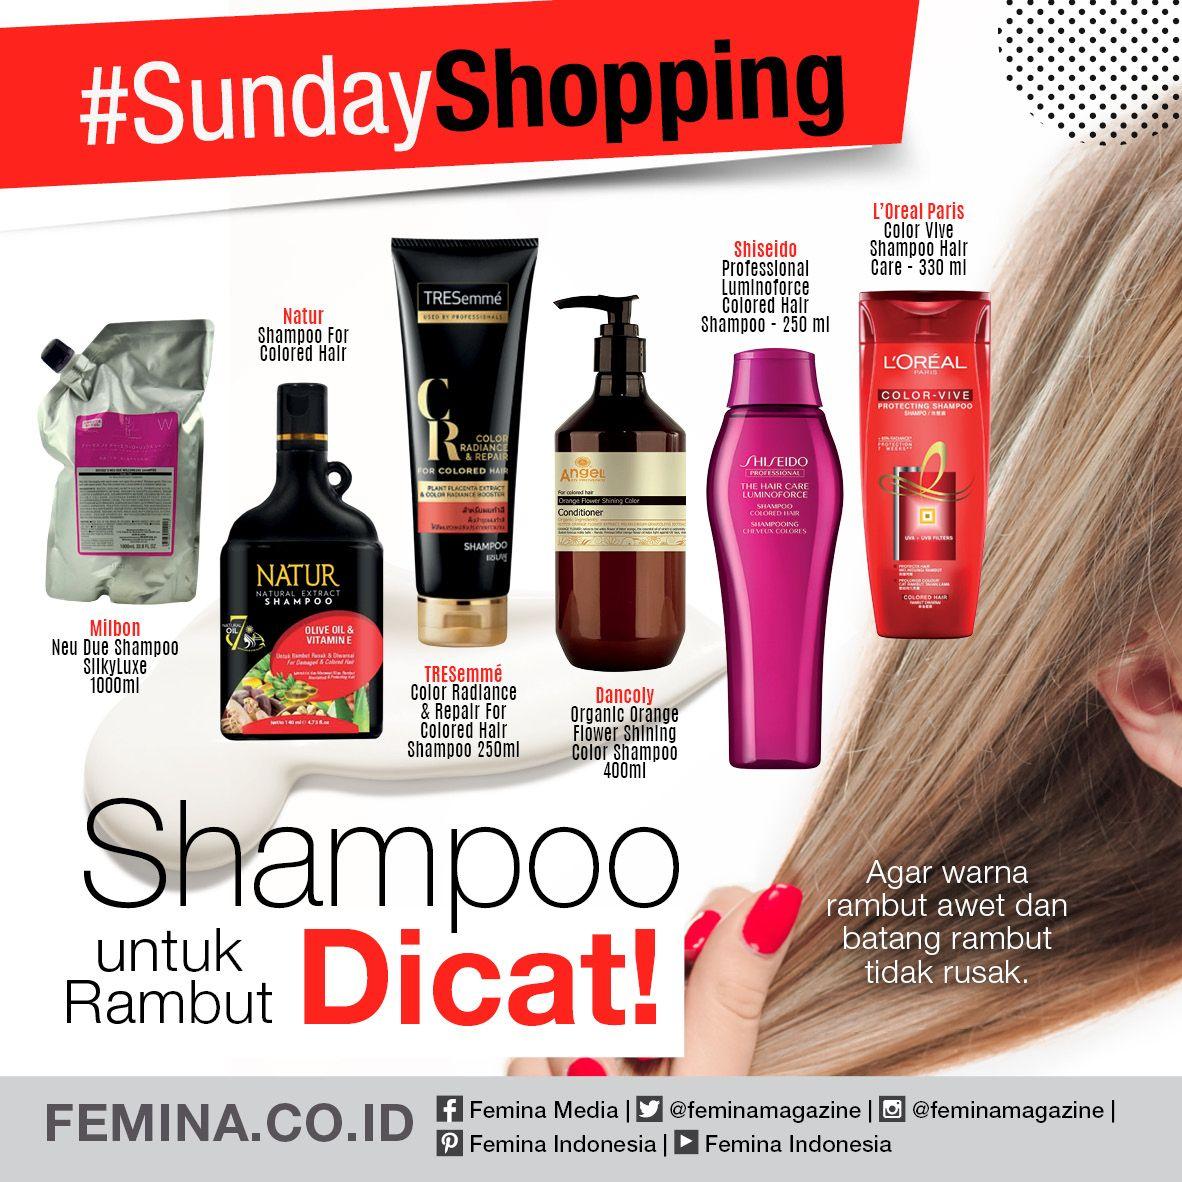 Shampoo Untuk Rambut Dicat Perawatan Kulit Rambut Dan Kecantikan Perawatan